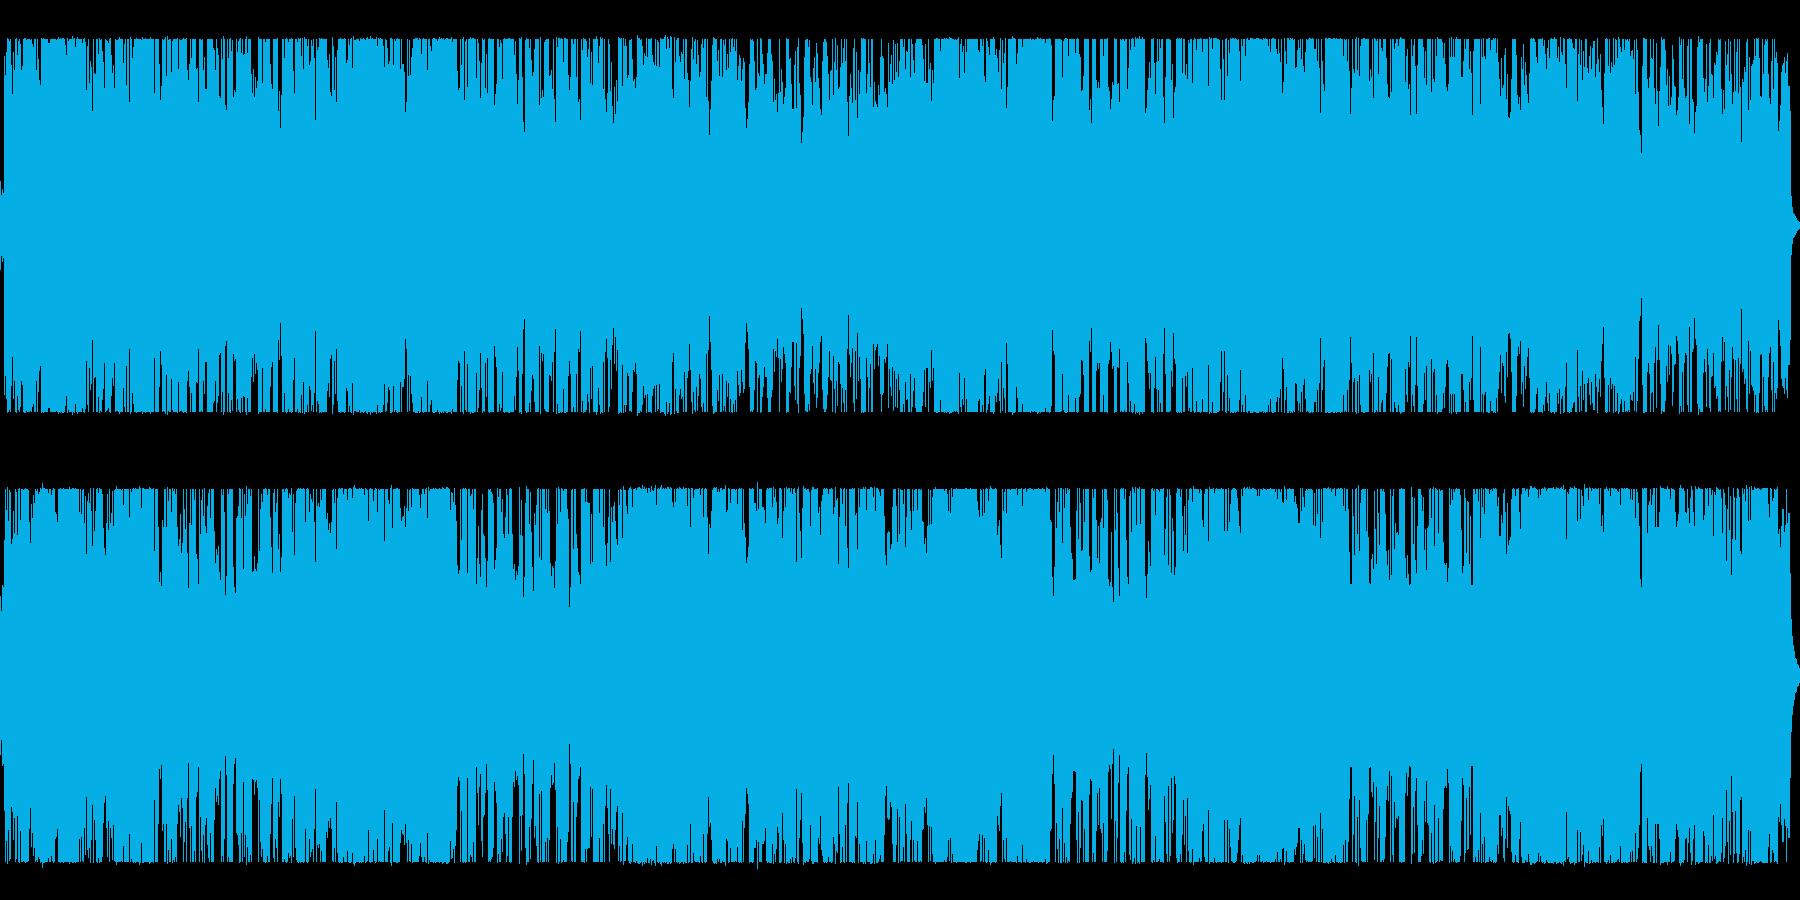 シリアスな雰囲気のシンセインストの再生済みの波形